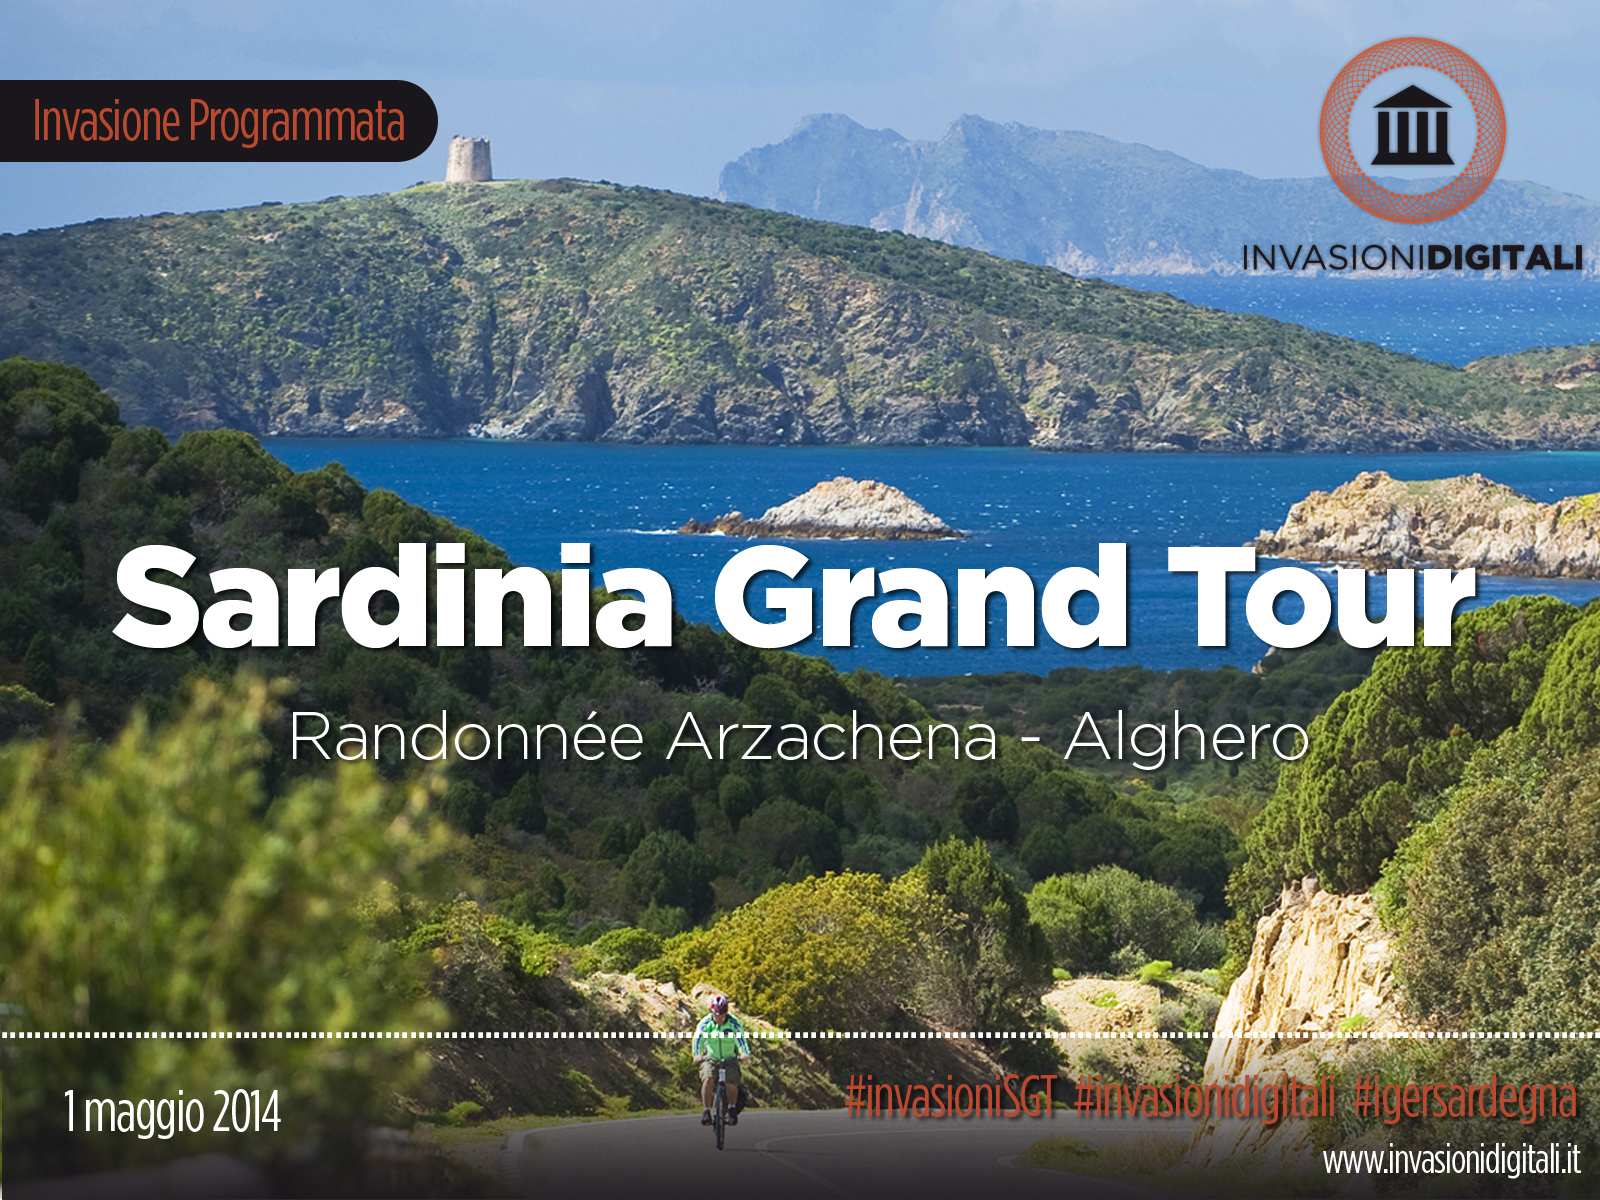 sardinia-grand-tour